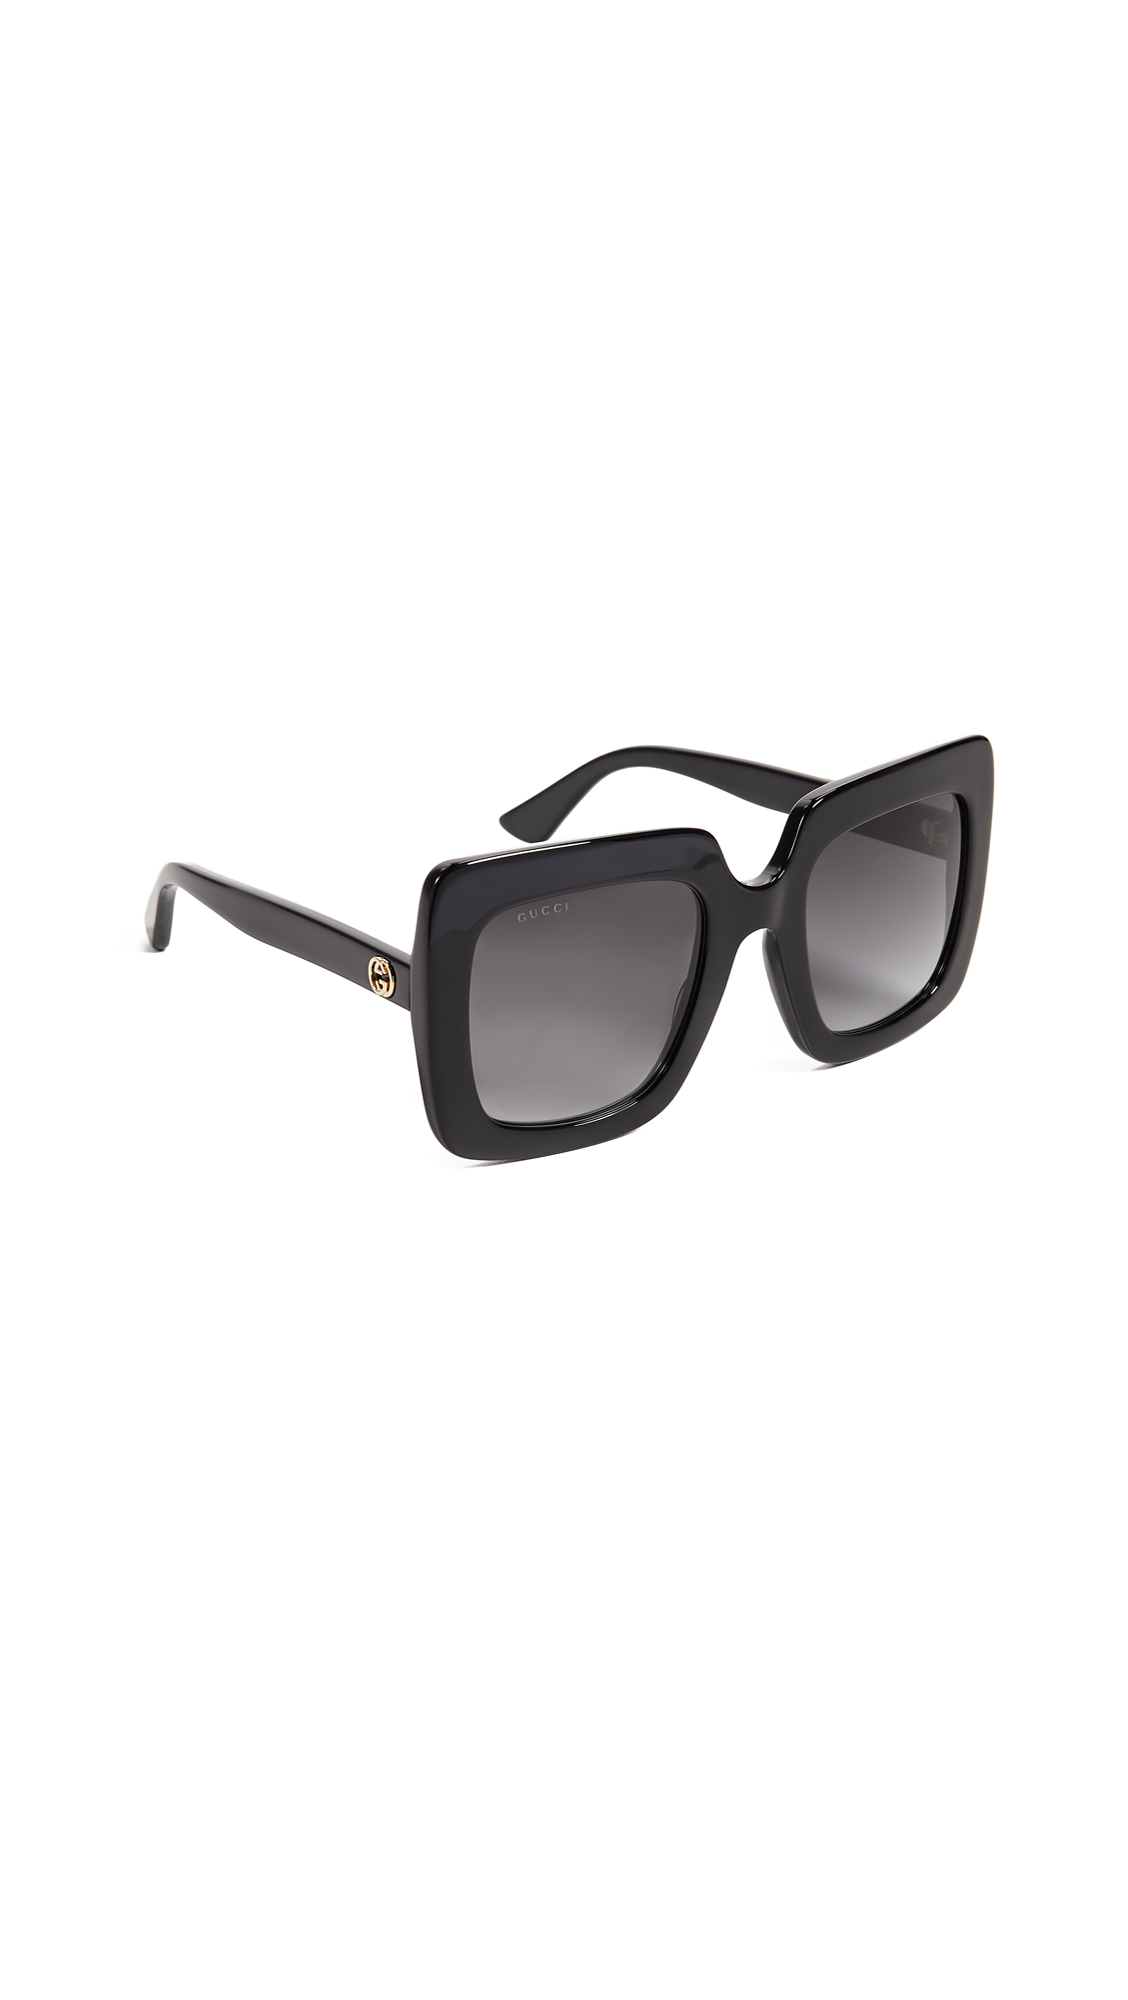 GUCCI Gg Square Oversized Sunglasses Black Gra nt Grey